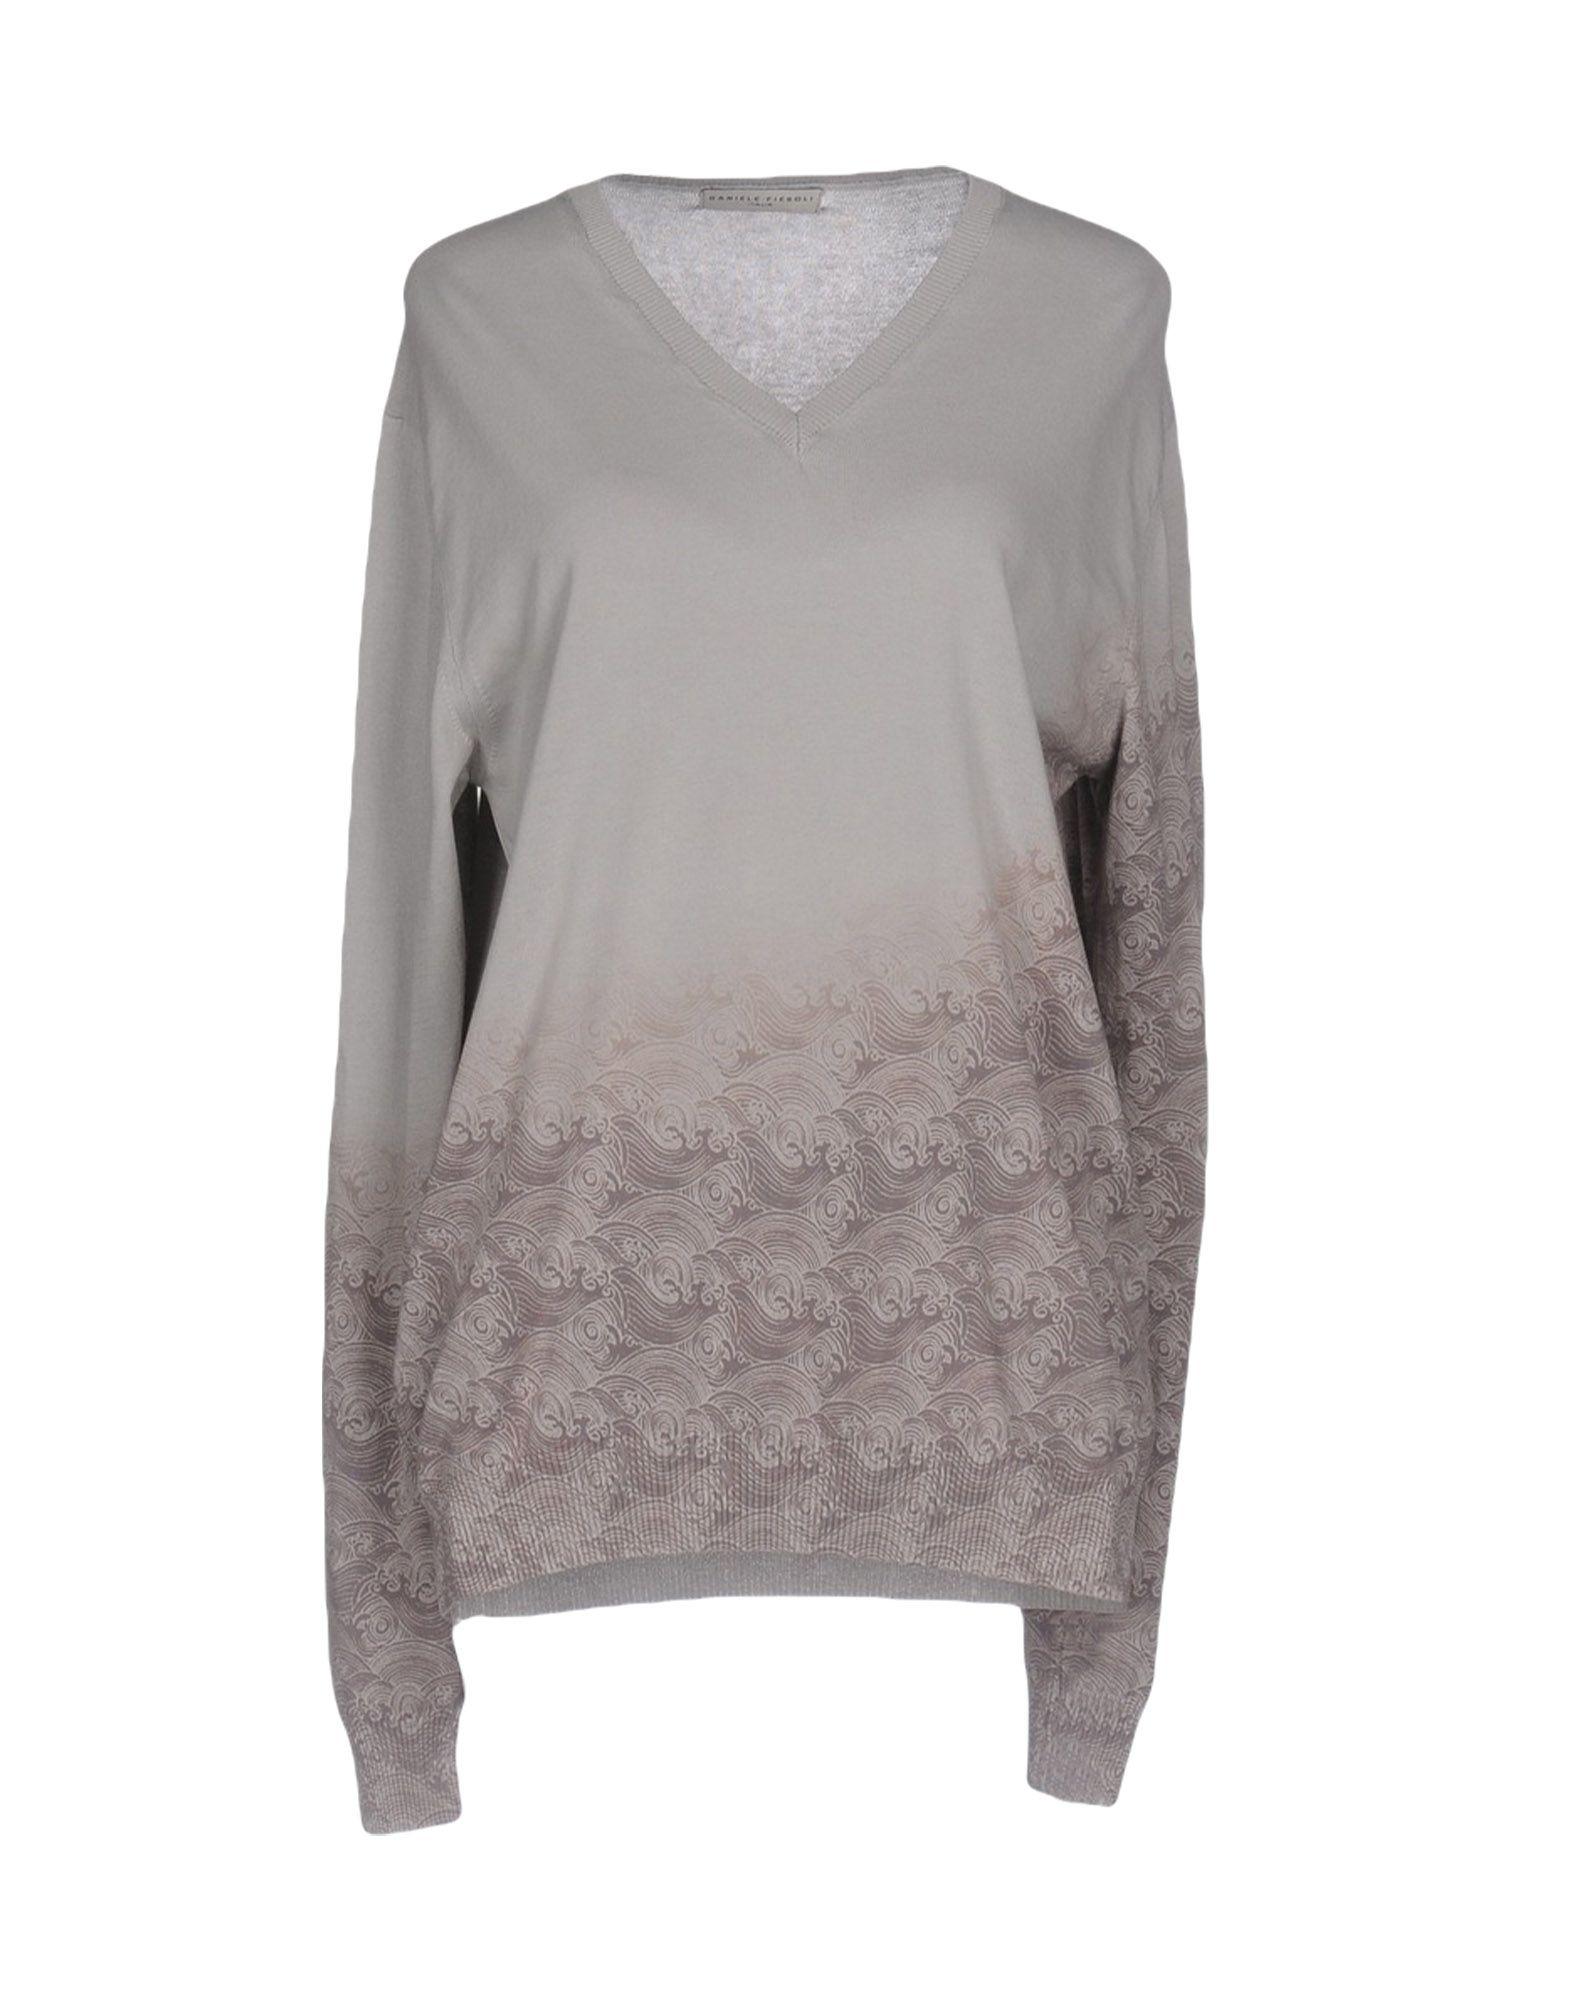 DANIELE FIESOLI Damen Pullover Farbe Hellgrau Größe 6 - broschei